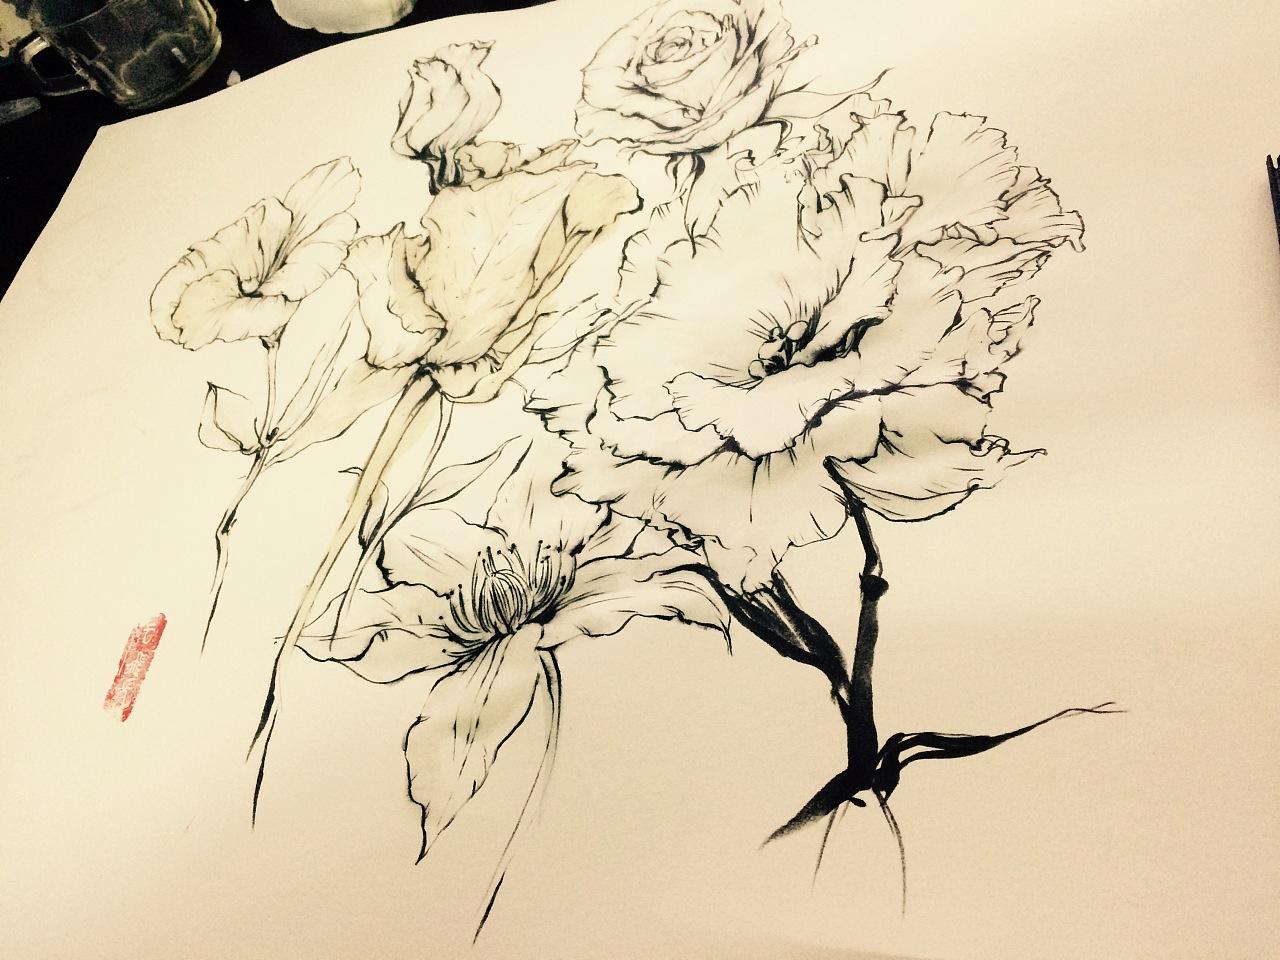 花卉植物动物线条水墨画|纯艺术|国画|kong2dog